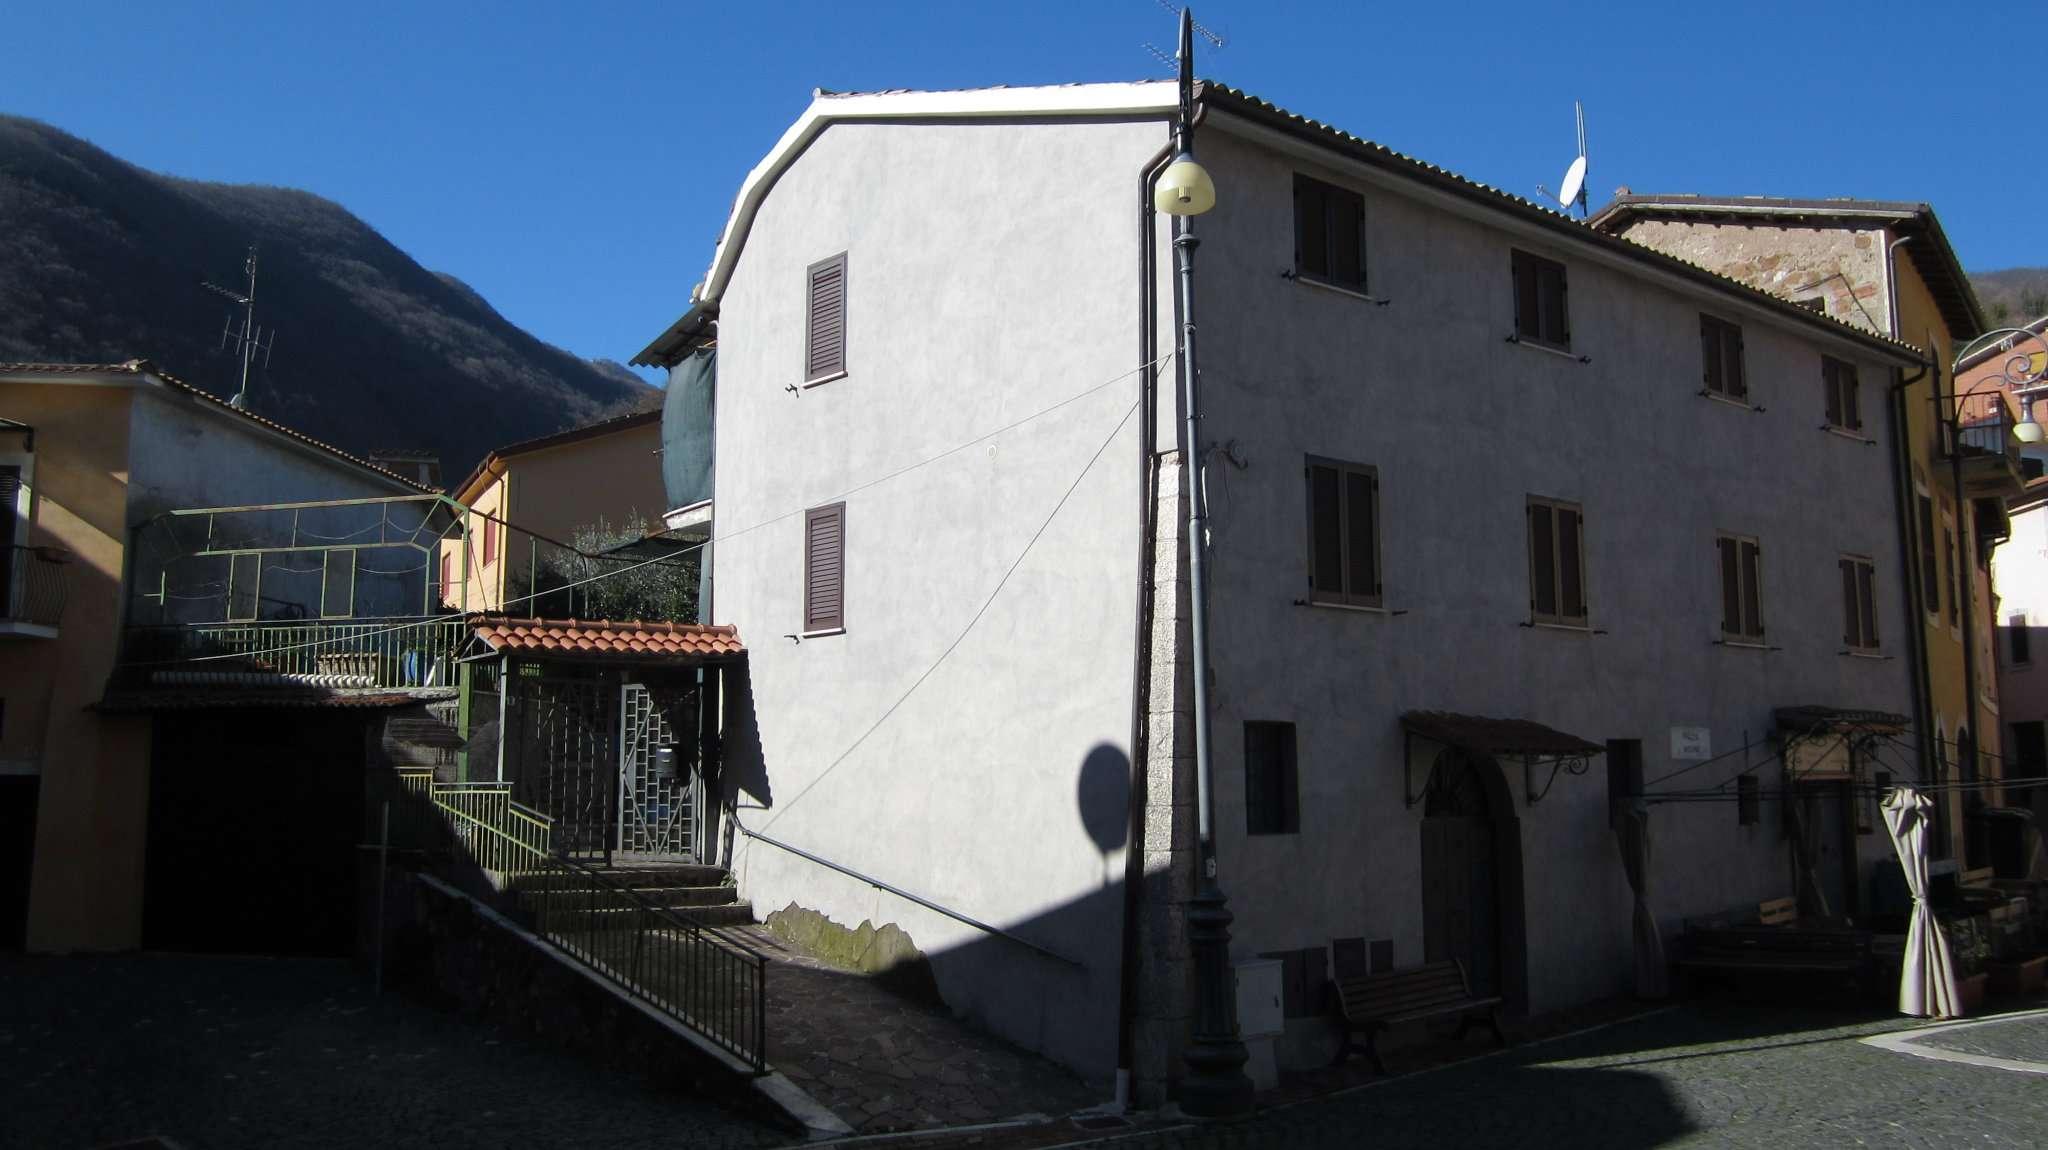 Palazzo / Stabile in vendita a Roccagiovine, 10 locali, prezzo € 260.000 | CambioCasa.it